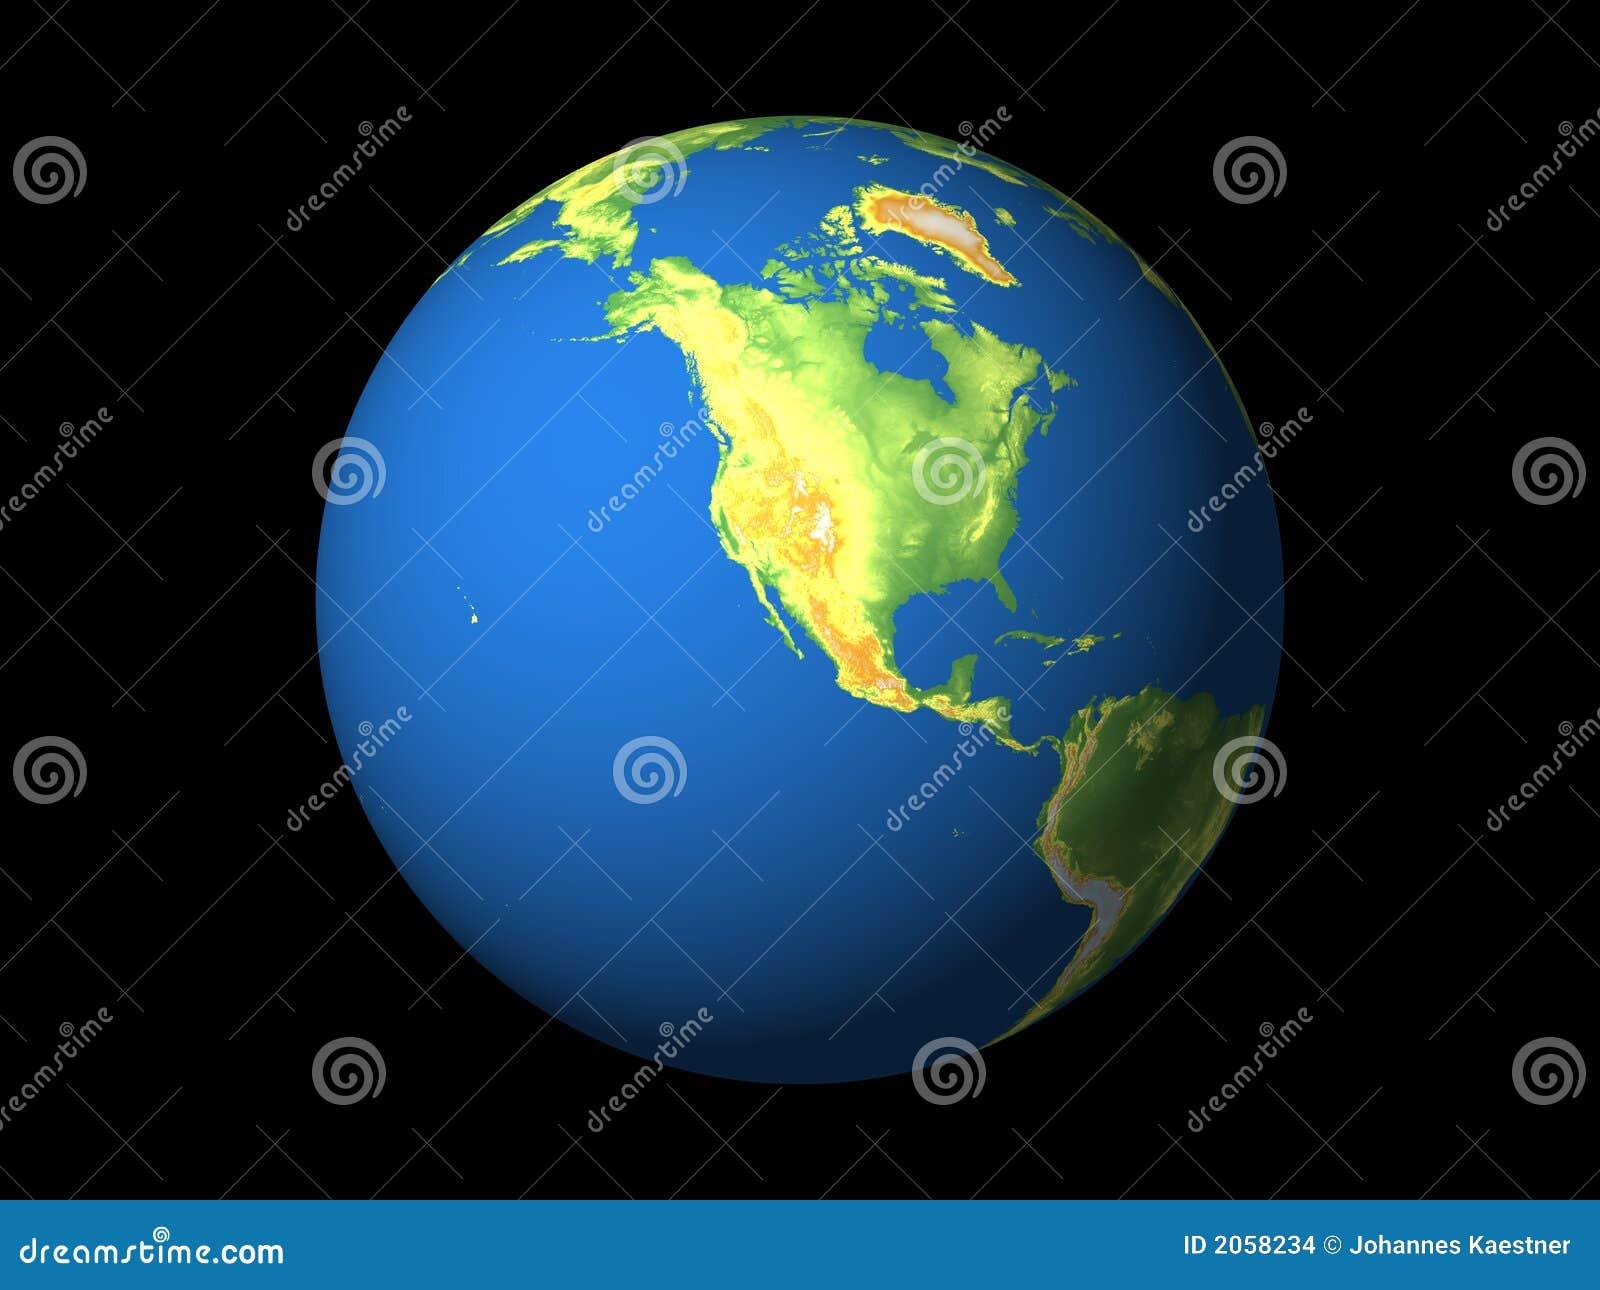 World, North America, Pacific